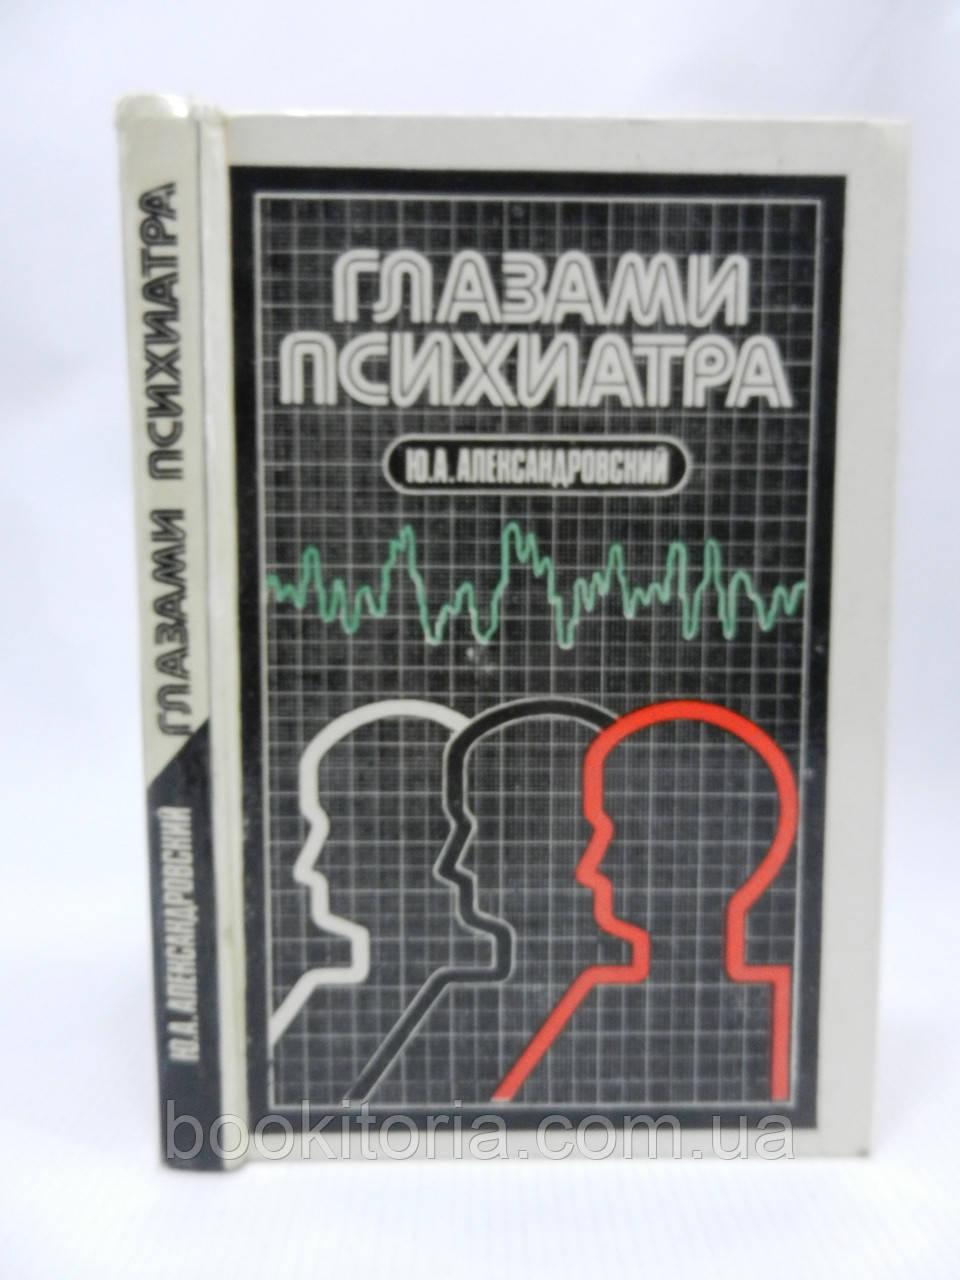 Александровский Ю.А. Глазами психиатра (б/у).